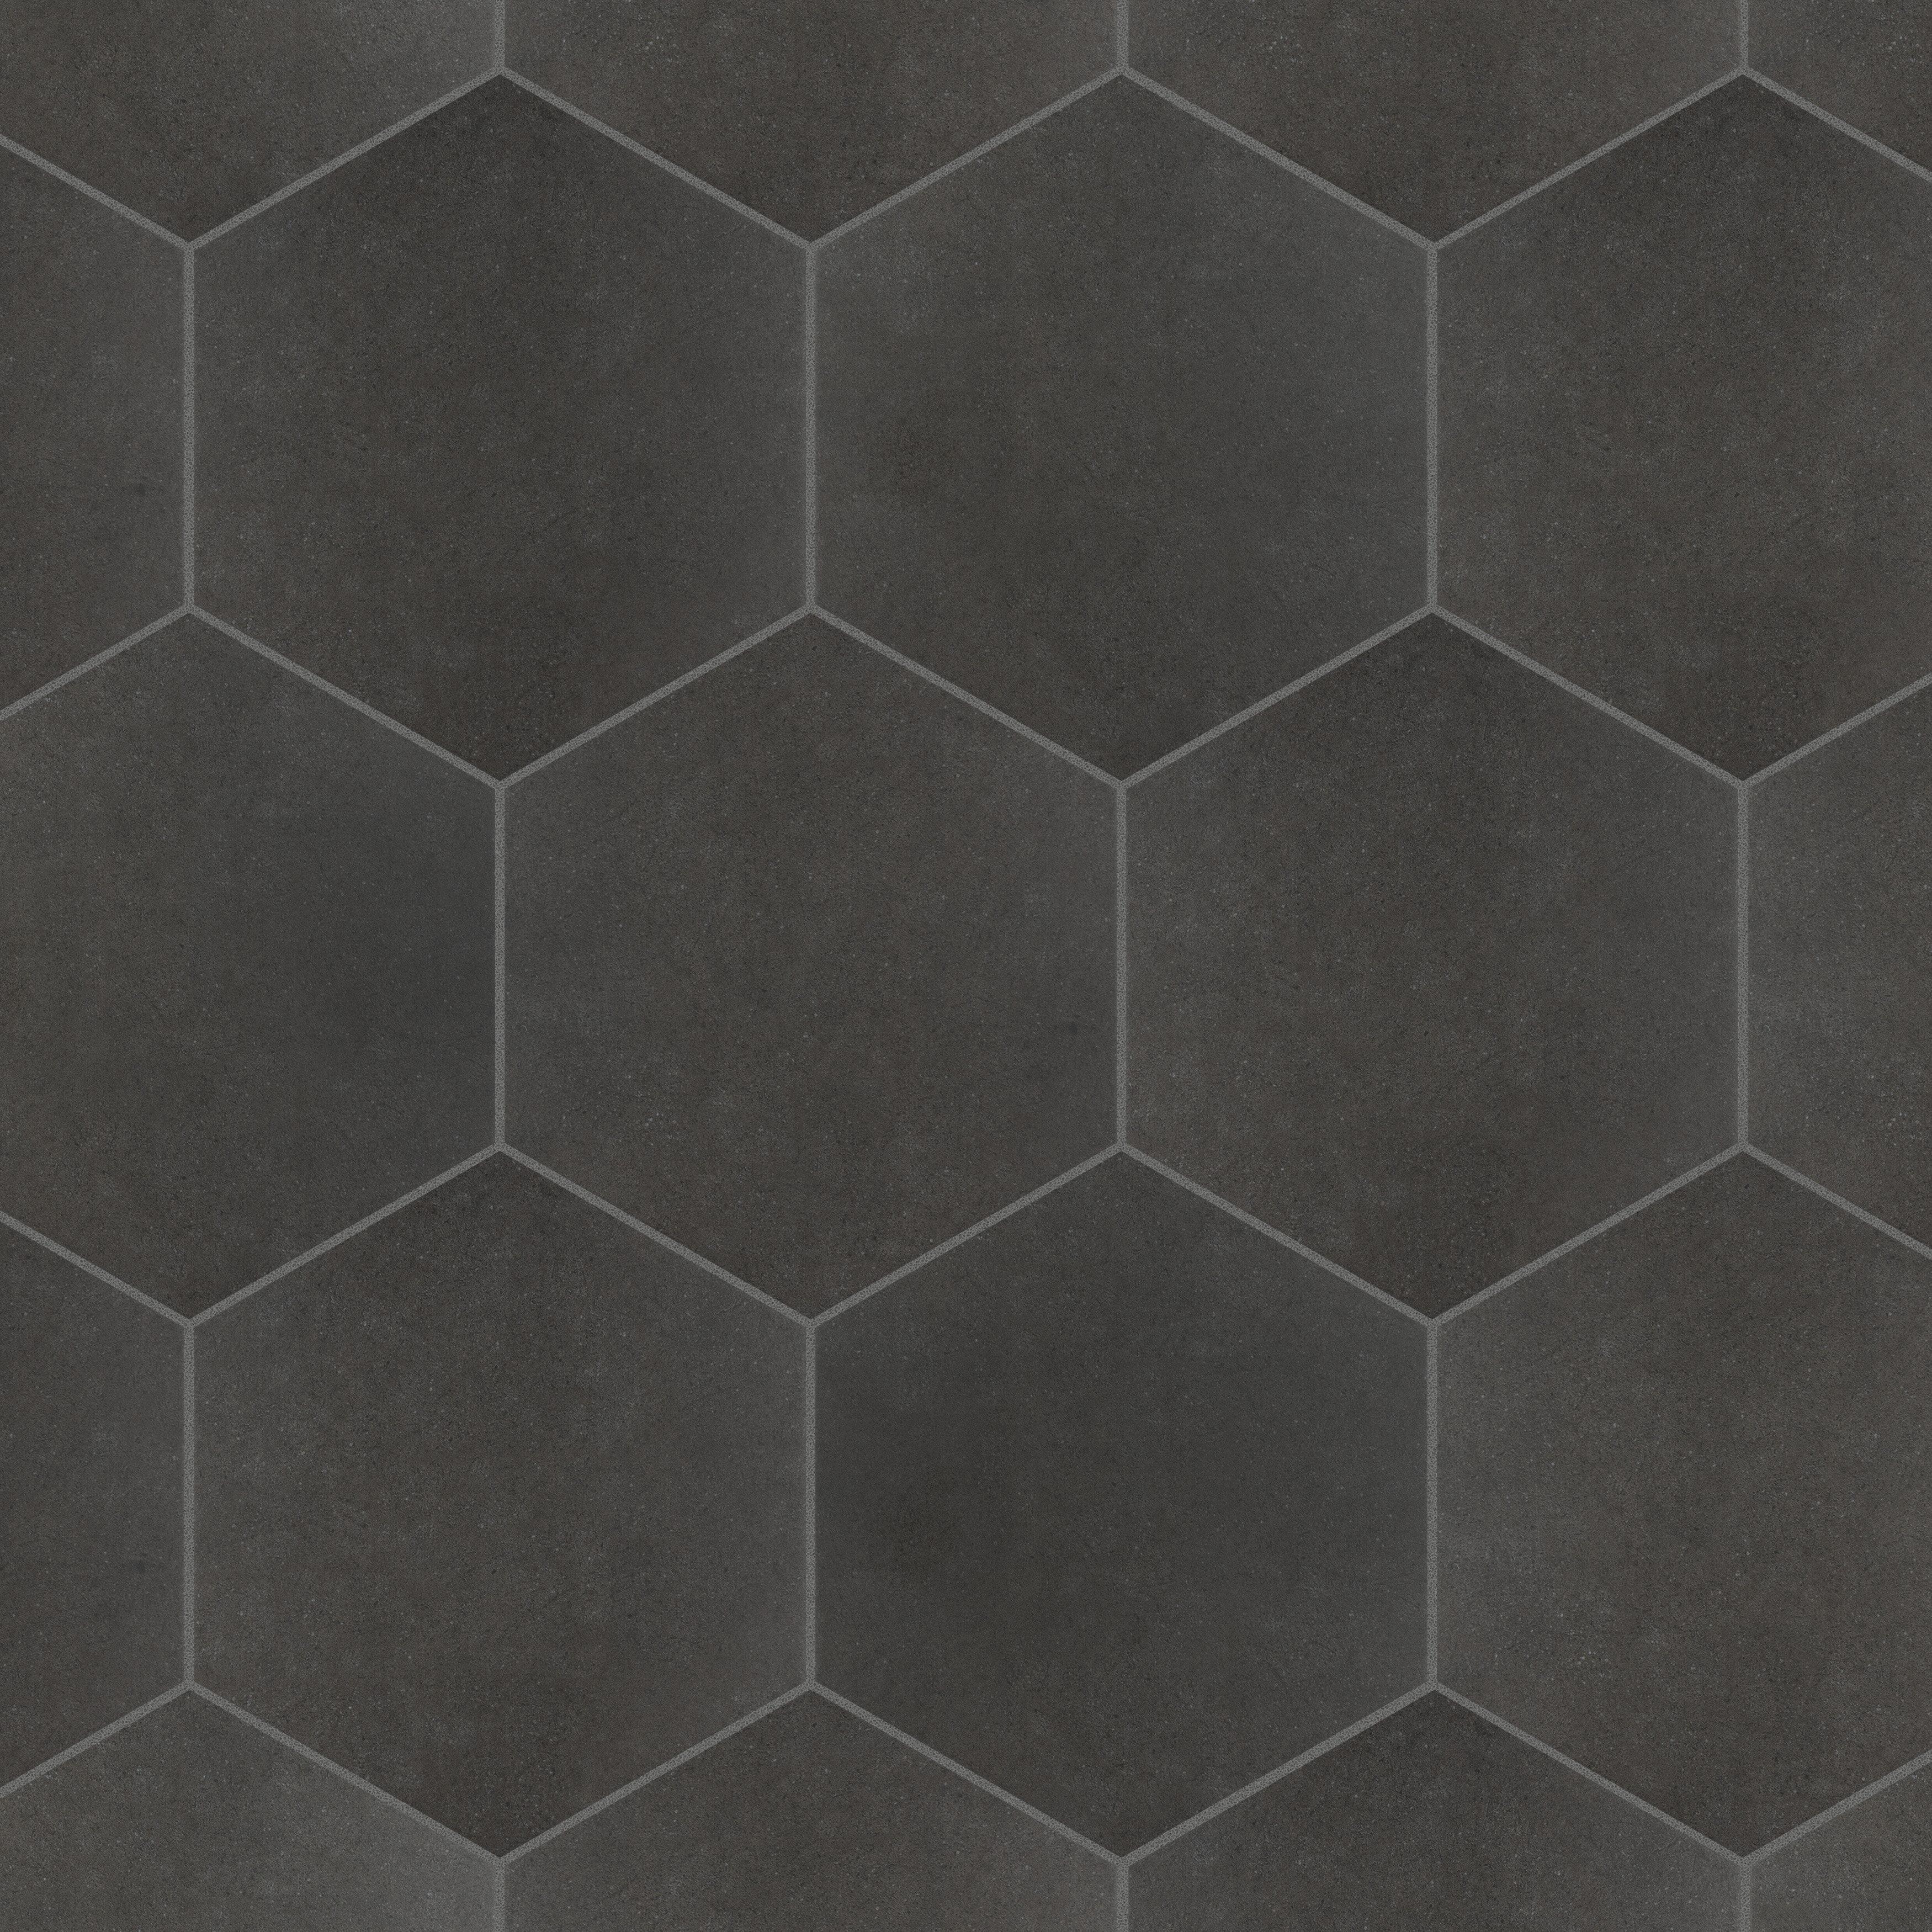 Black White Cream Backsplash Tile Free Shipping Over 35 Wayfair